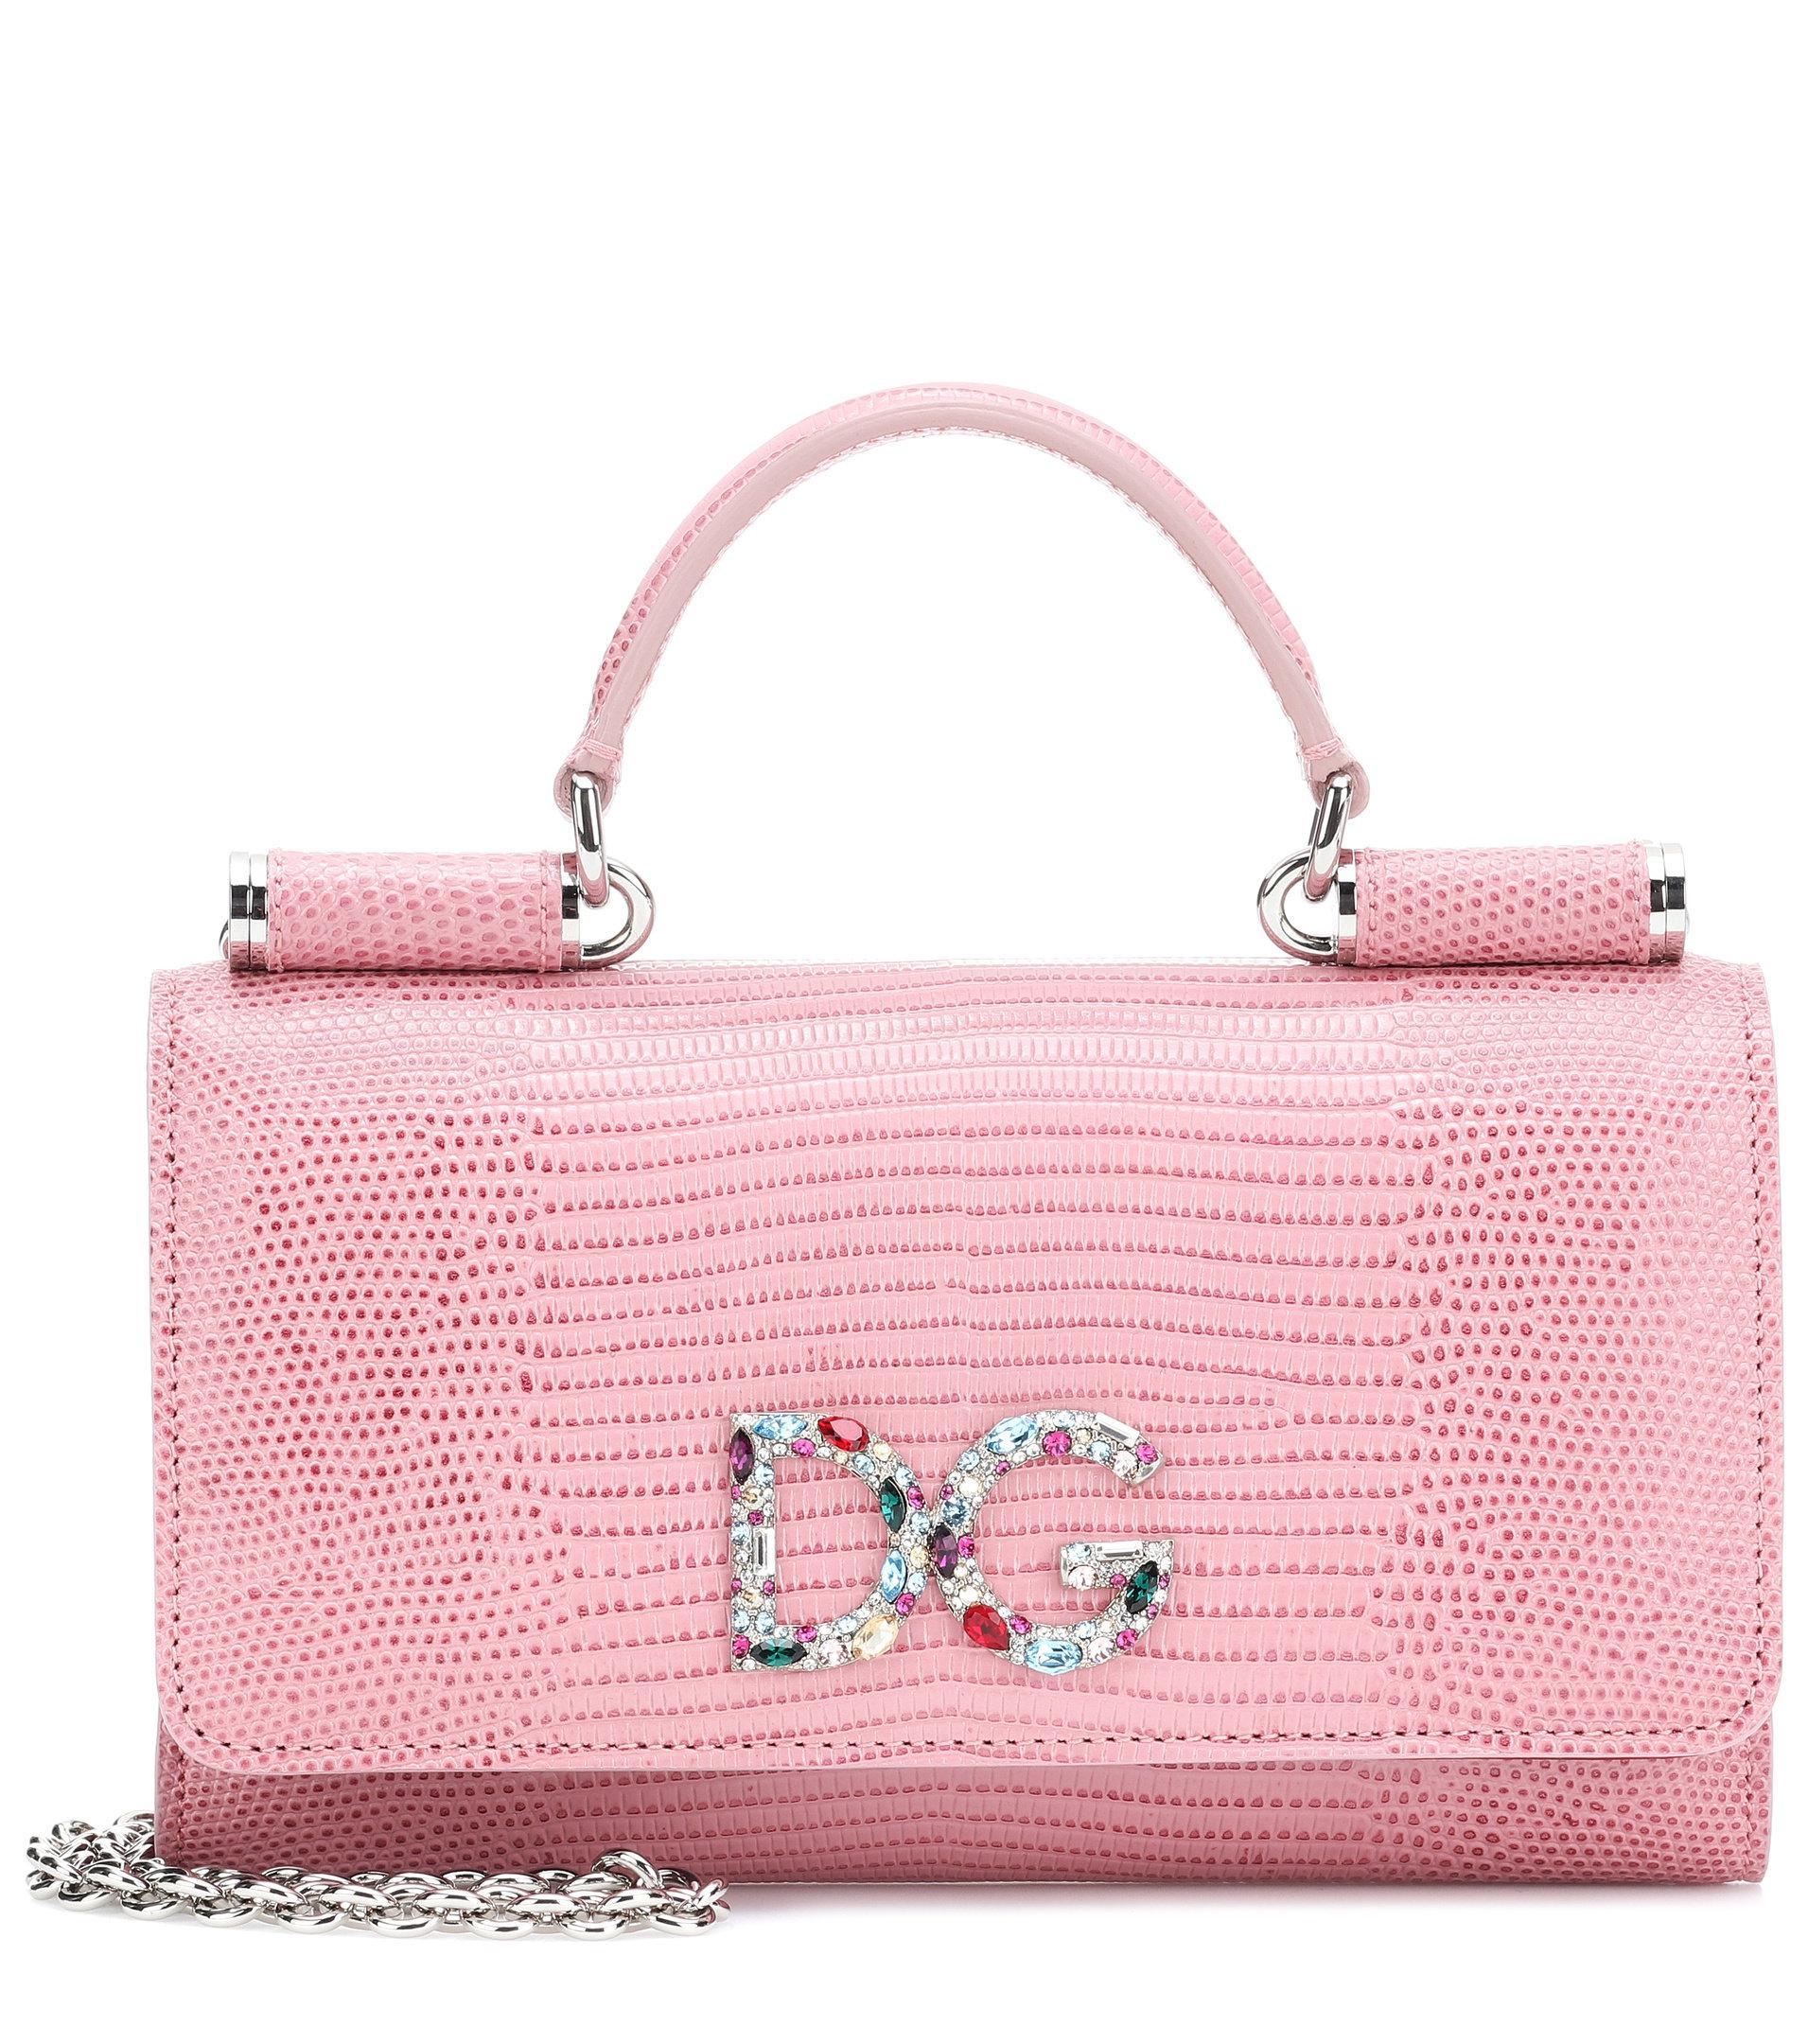 d44f5af19c Lyst - Dolce   Gabbana Sicily Von Bag Leather Smartphone Shoulder ...